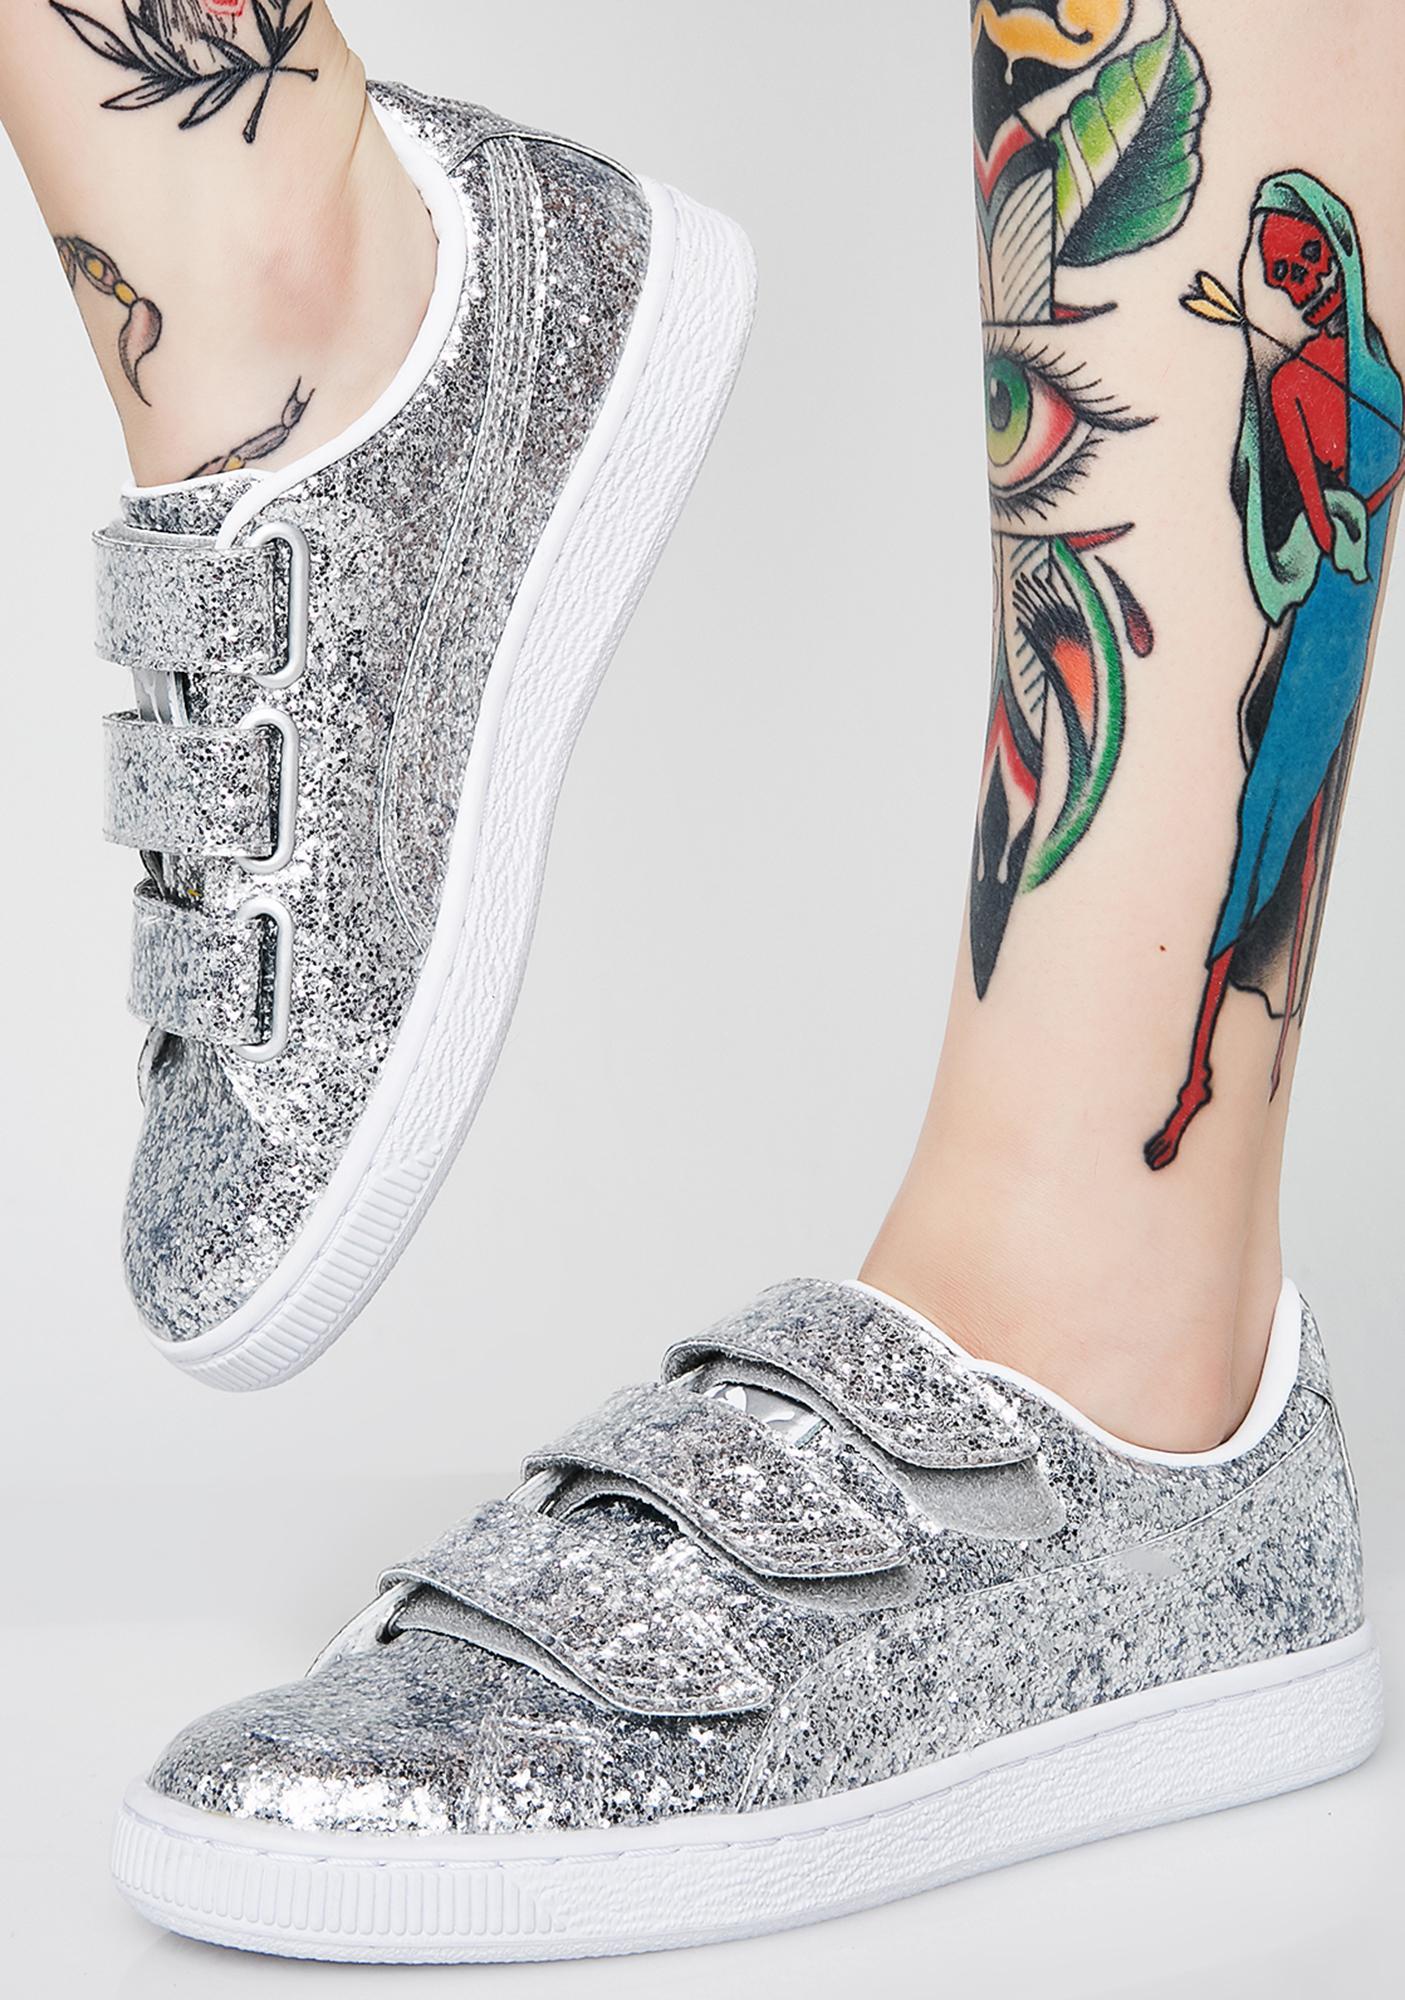 4c1a67d5256 PUMA Basket Strap Glitter Sneakers